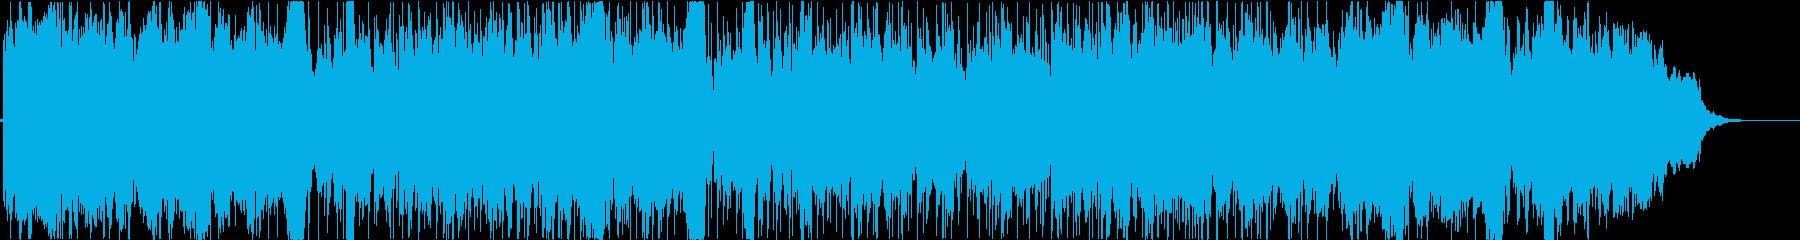 技術、科学、プレゼンテーションの再生済みの波形